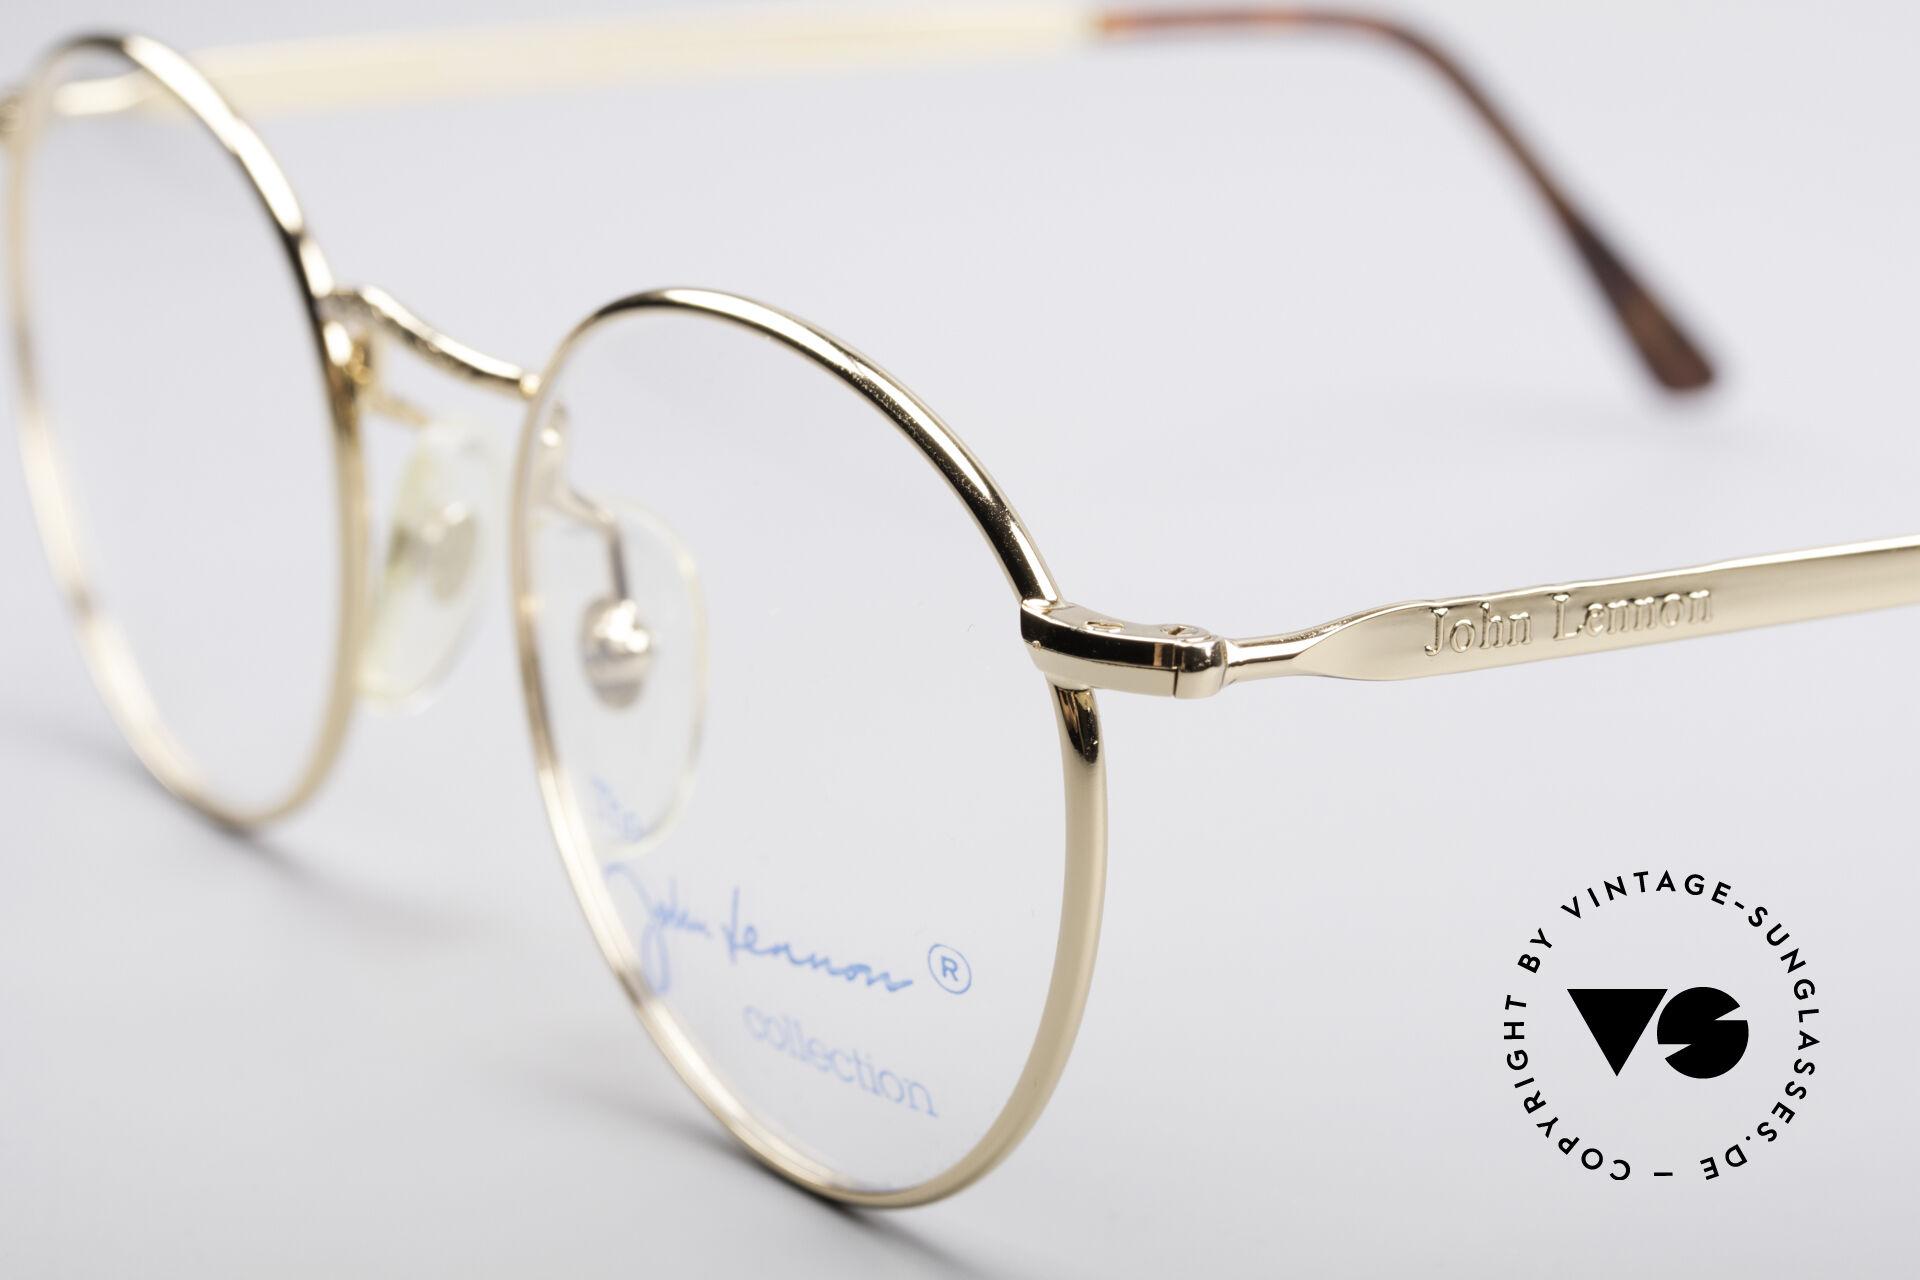 John Lennon - Imagine Small Round Vintage Frame, typical distinctive John Lennon Look, simply legendary, Made for Men and Women